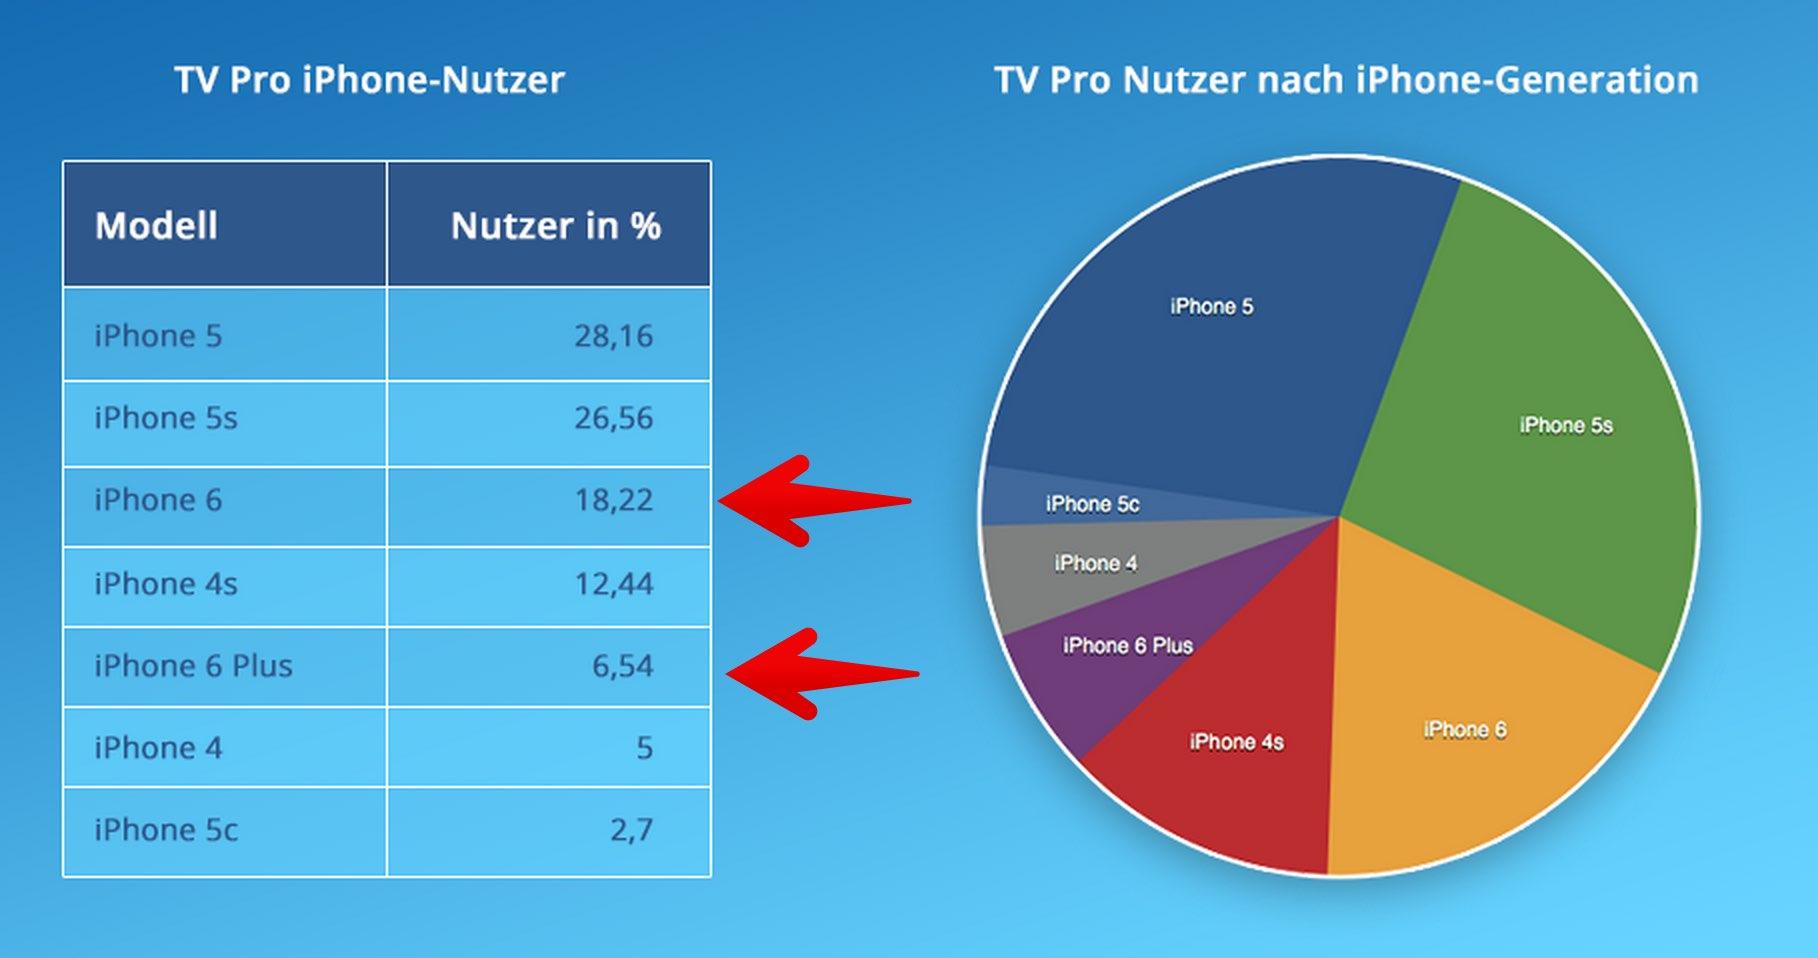 3:1 fürs iPhone 6? iPhone 6 beliebter als iPhone 6 Plus? 5